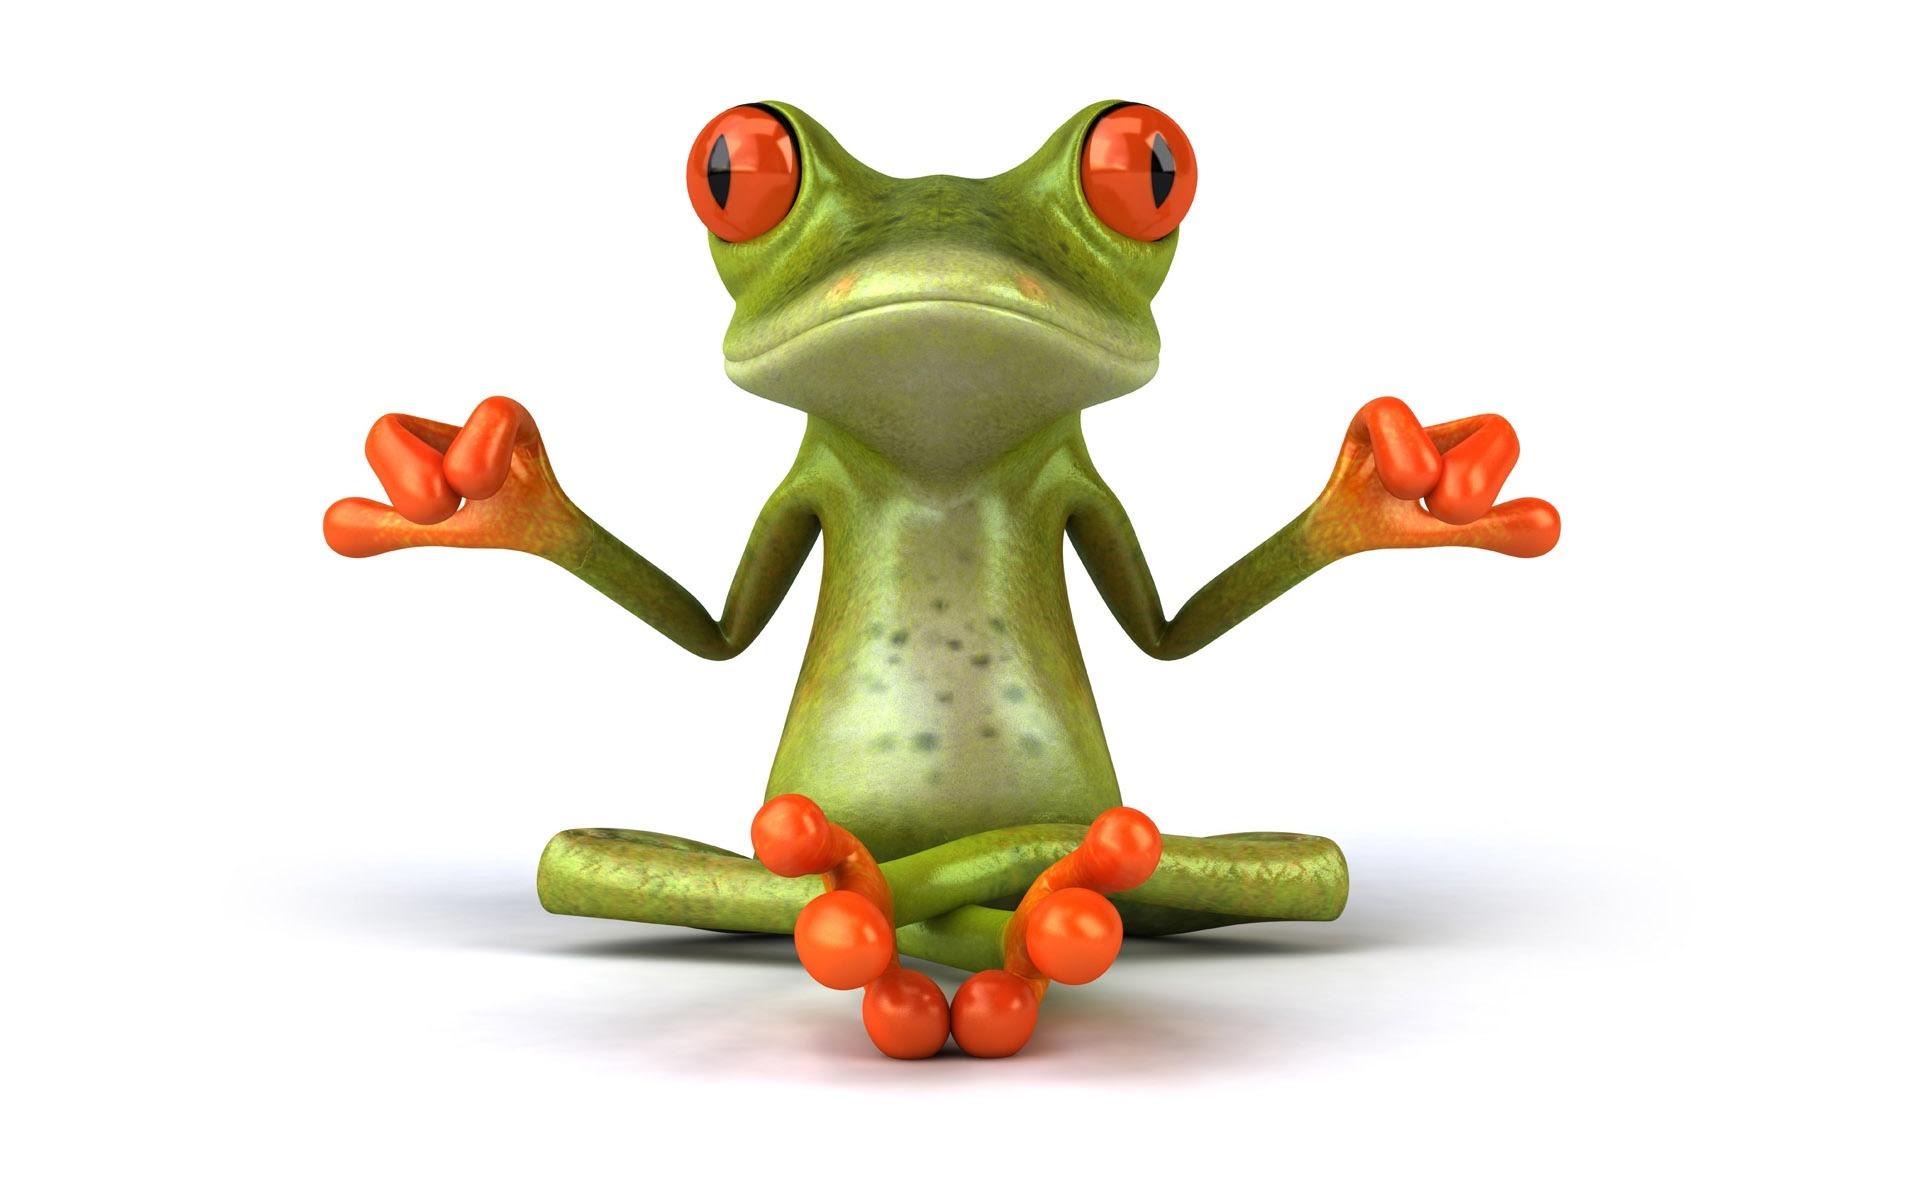 Uważność i spokój żabki